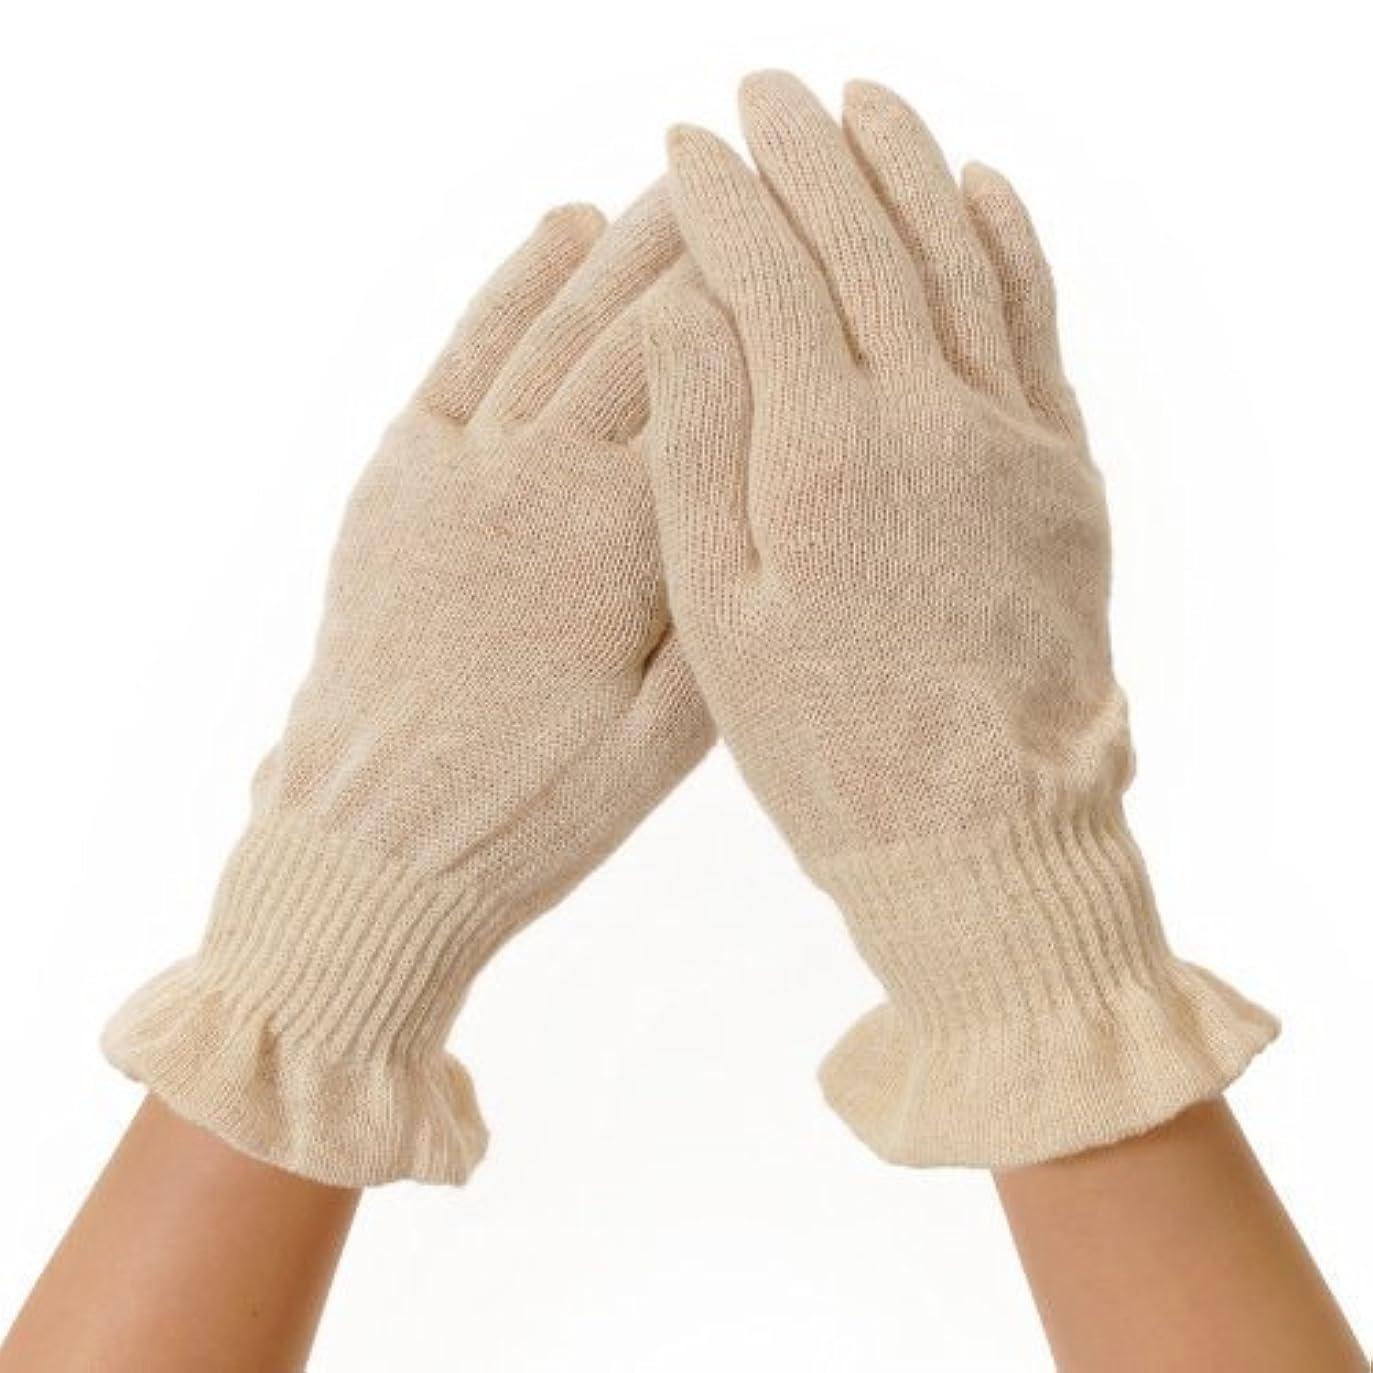 書き込み資本主義用量麻福 就寝用 手袋 [寝ている間に保湿で手荒れケア おやすみ手袋] 麻福特製ヘンプ糸 Rサイズ (女性ゆったり/男性ジャストフィット) きなり色 手荒れ予防